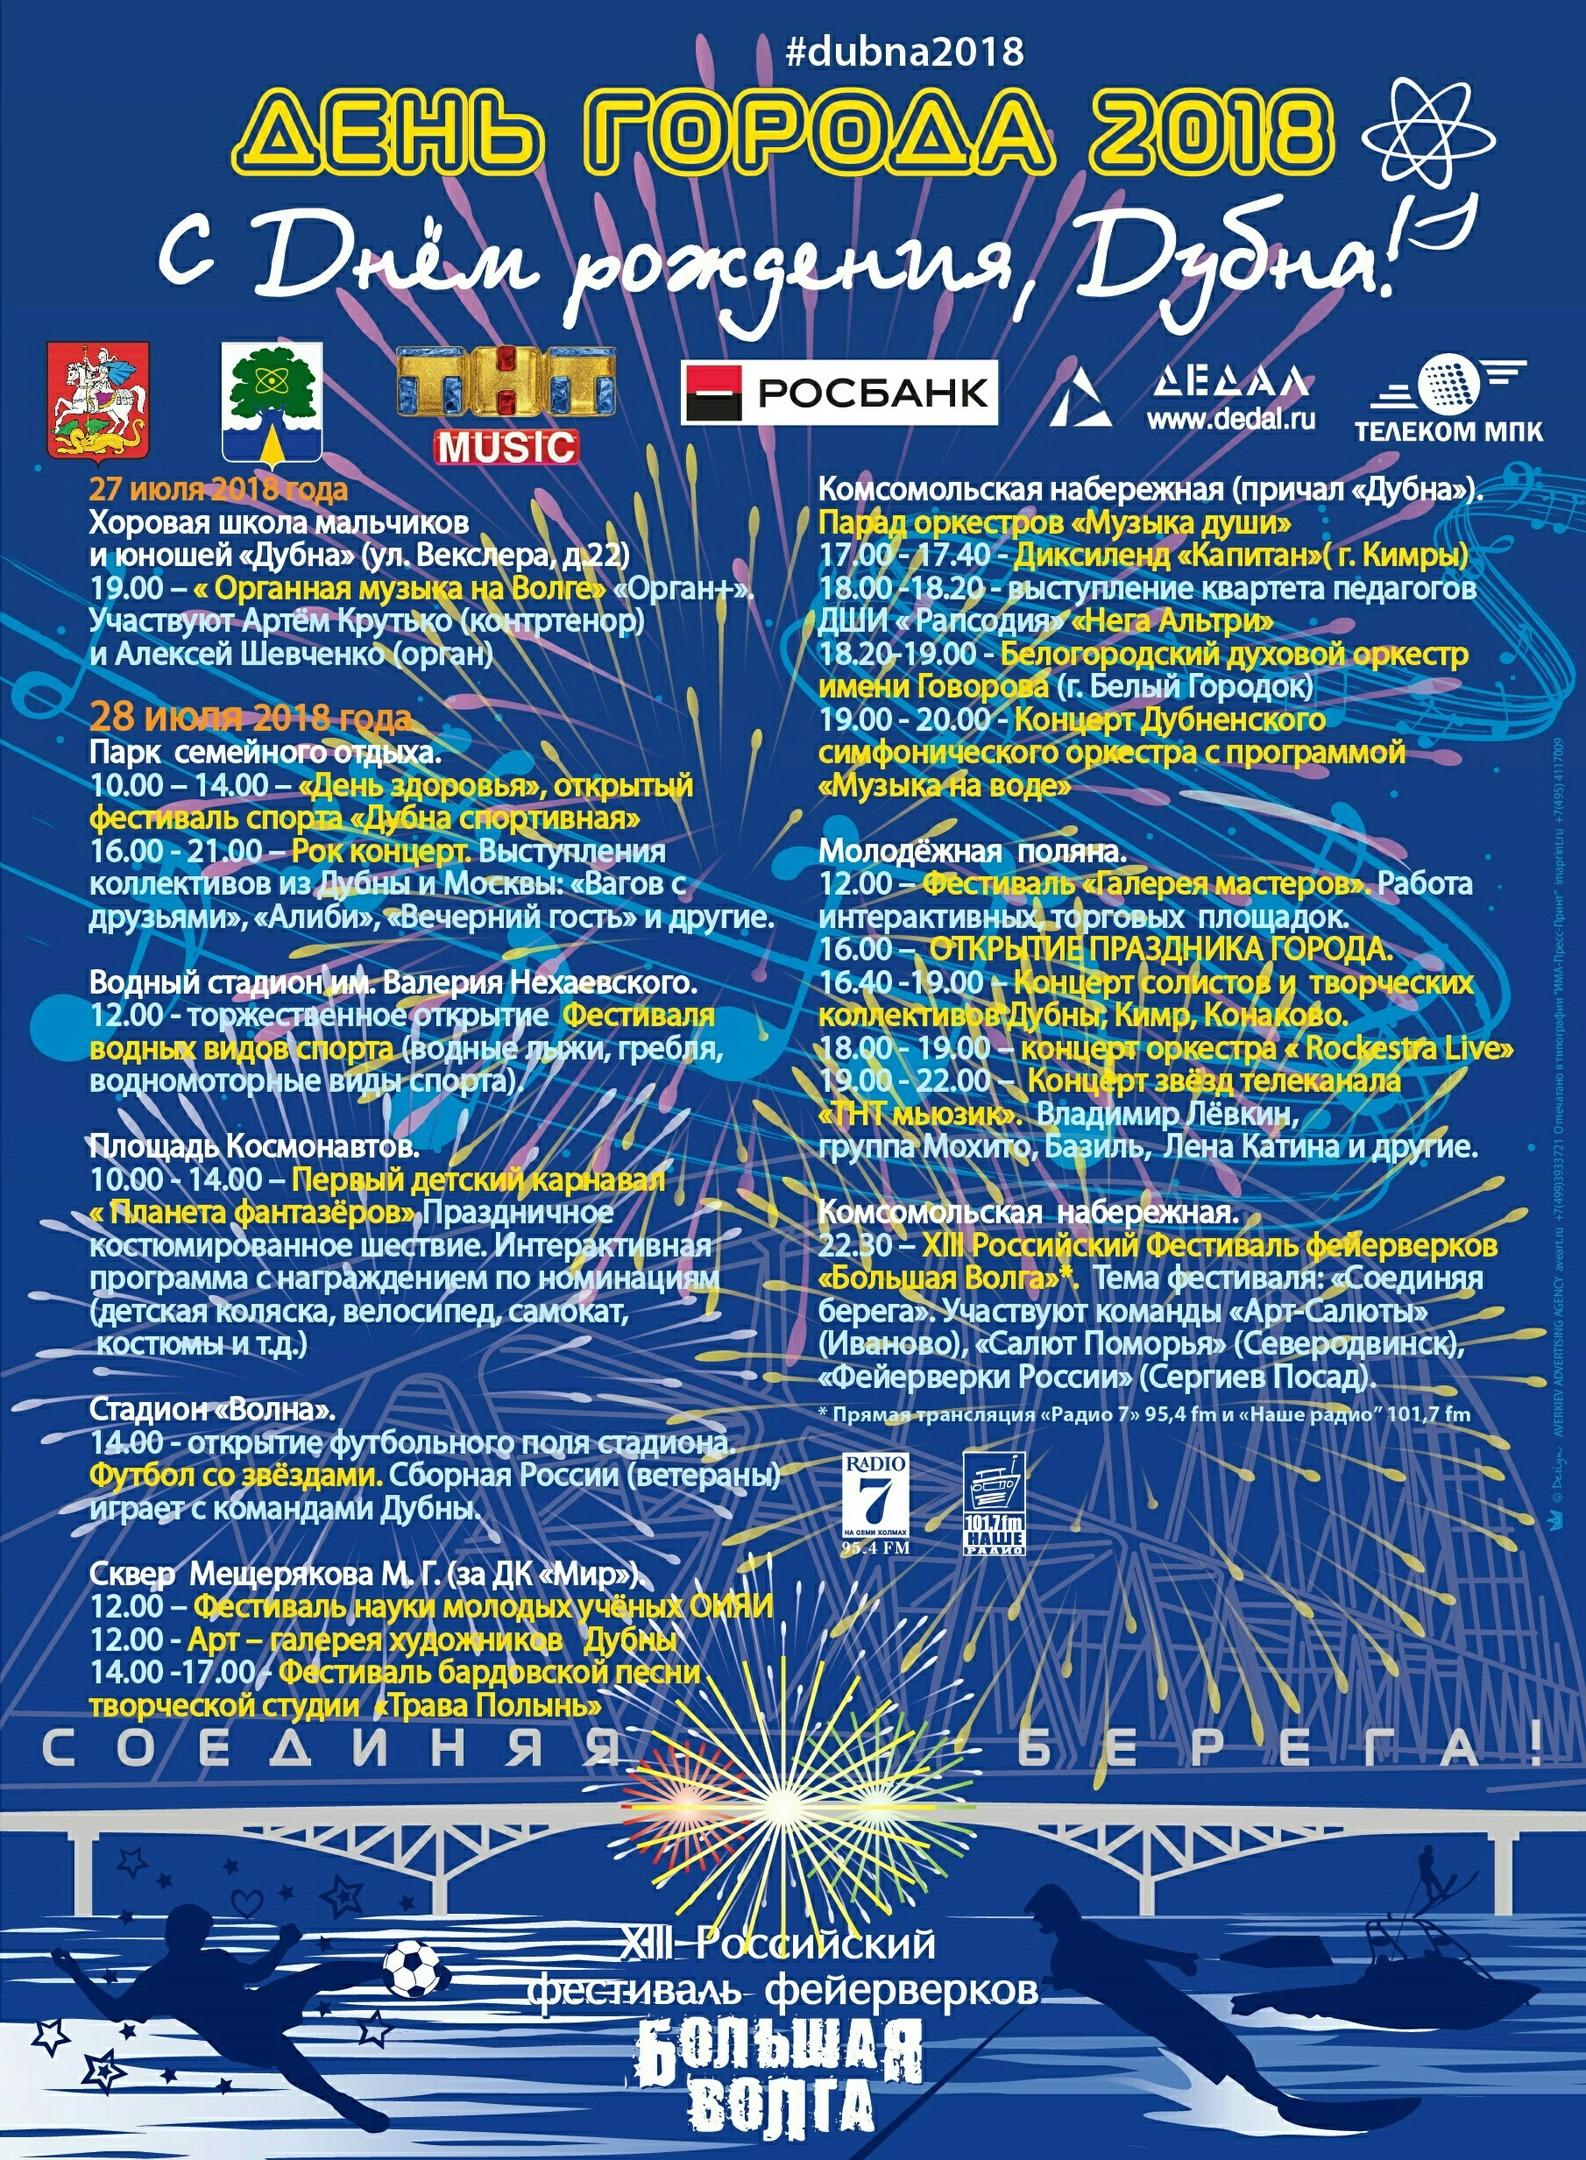 Афиша Дня города городского округа Дубна 27 и 28 июля 2018